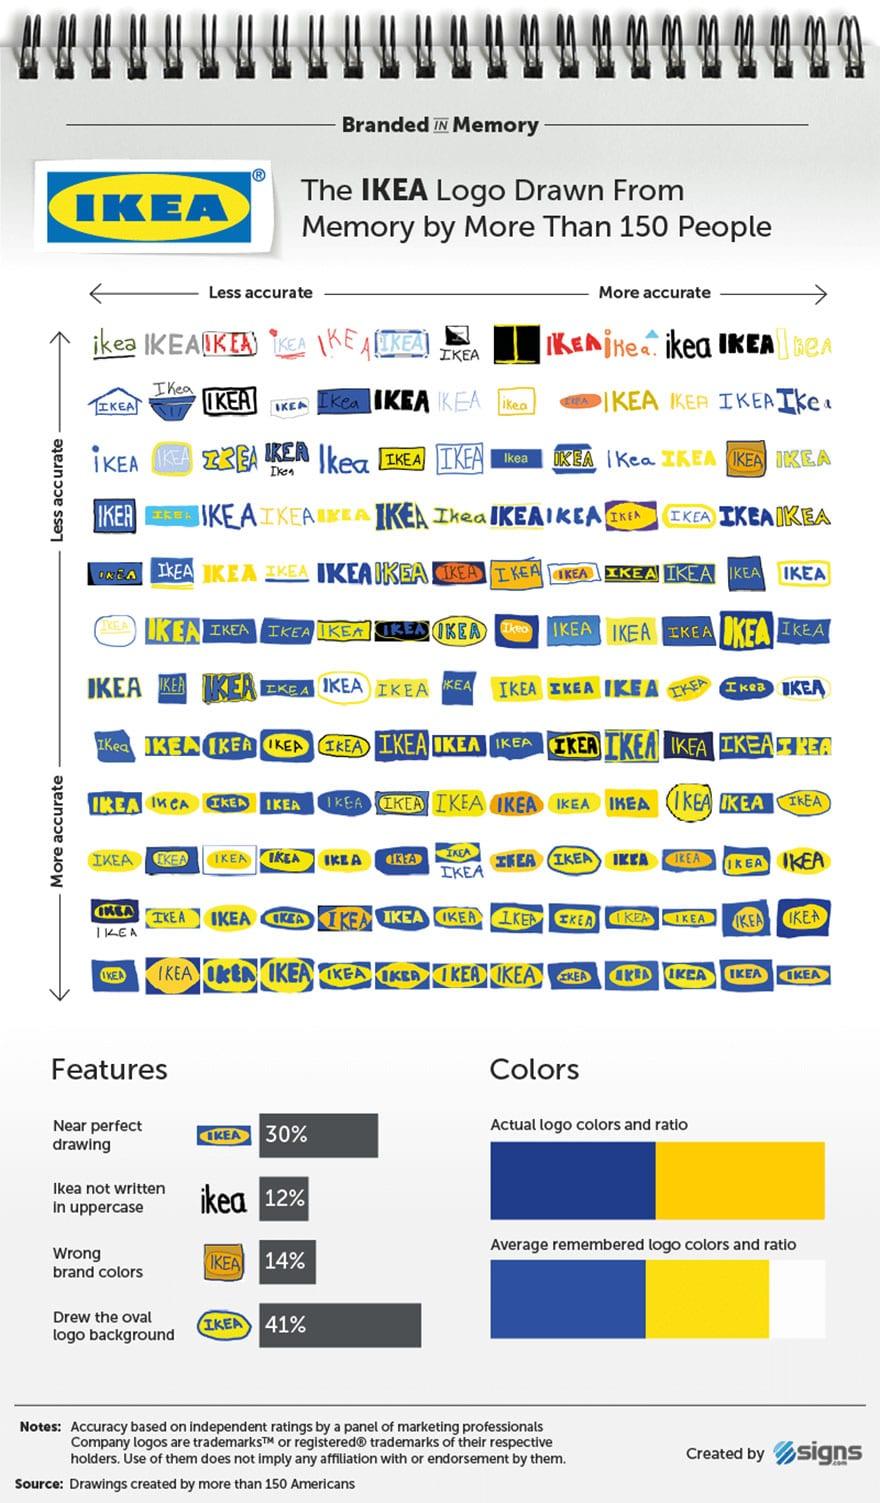 famous brand logos drawn from memory 13 59d24652b52a4  880 - Více než 150 lidí se pokusilo nakreslit 10 velmi slavných log zpaměti. Výsledky pobaví